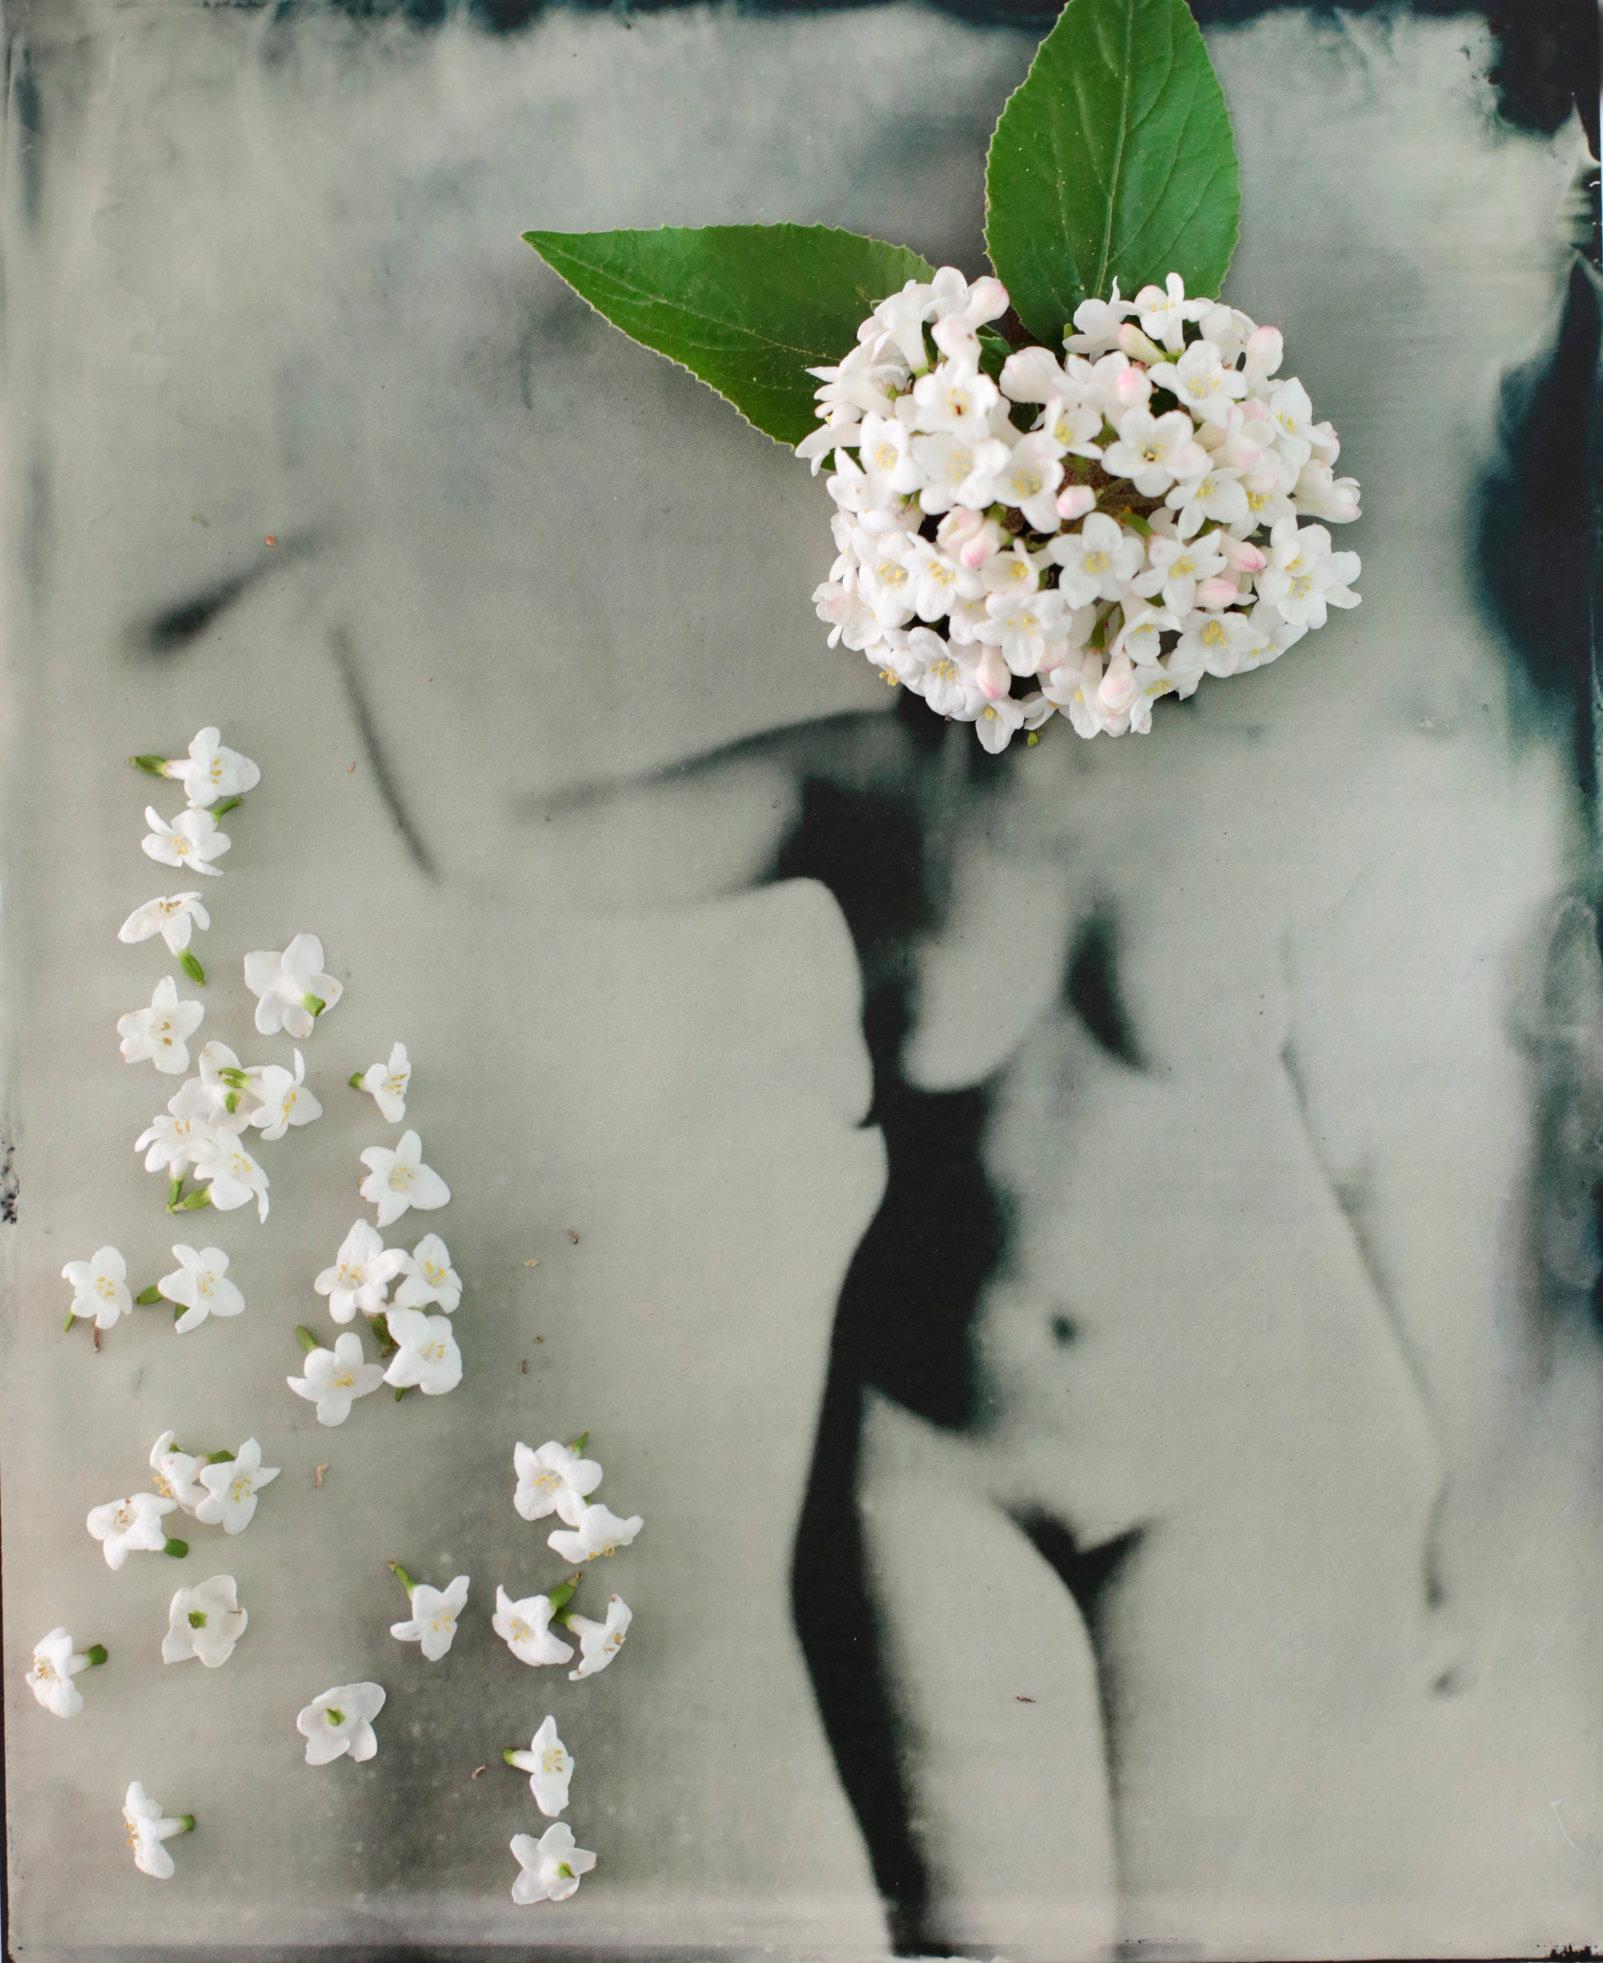 FLOWERS_1_011.JPG